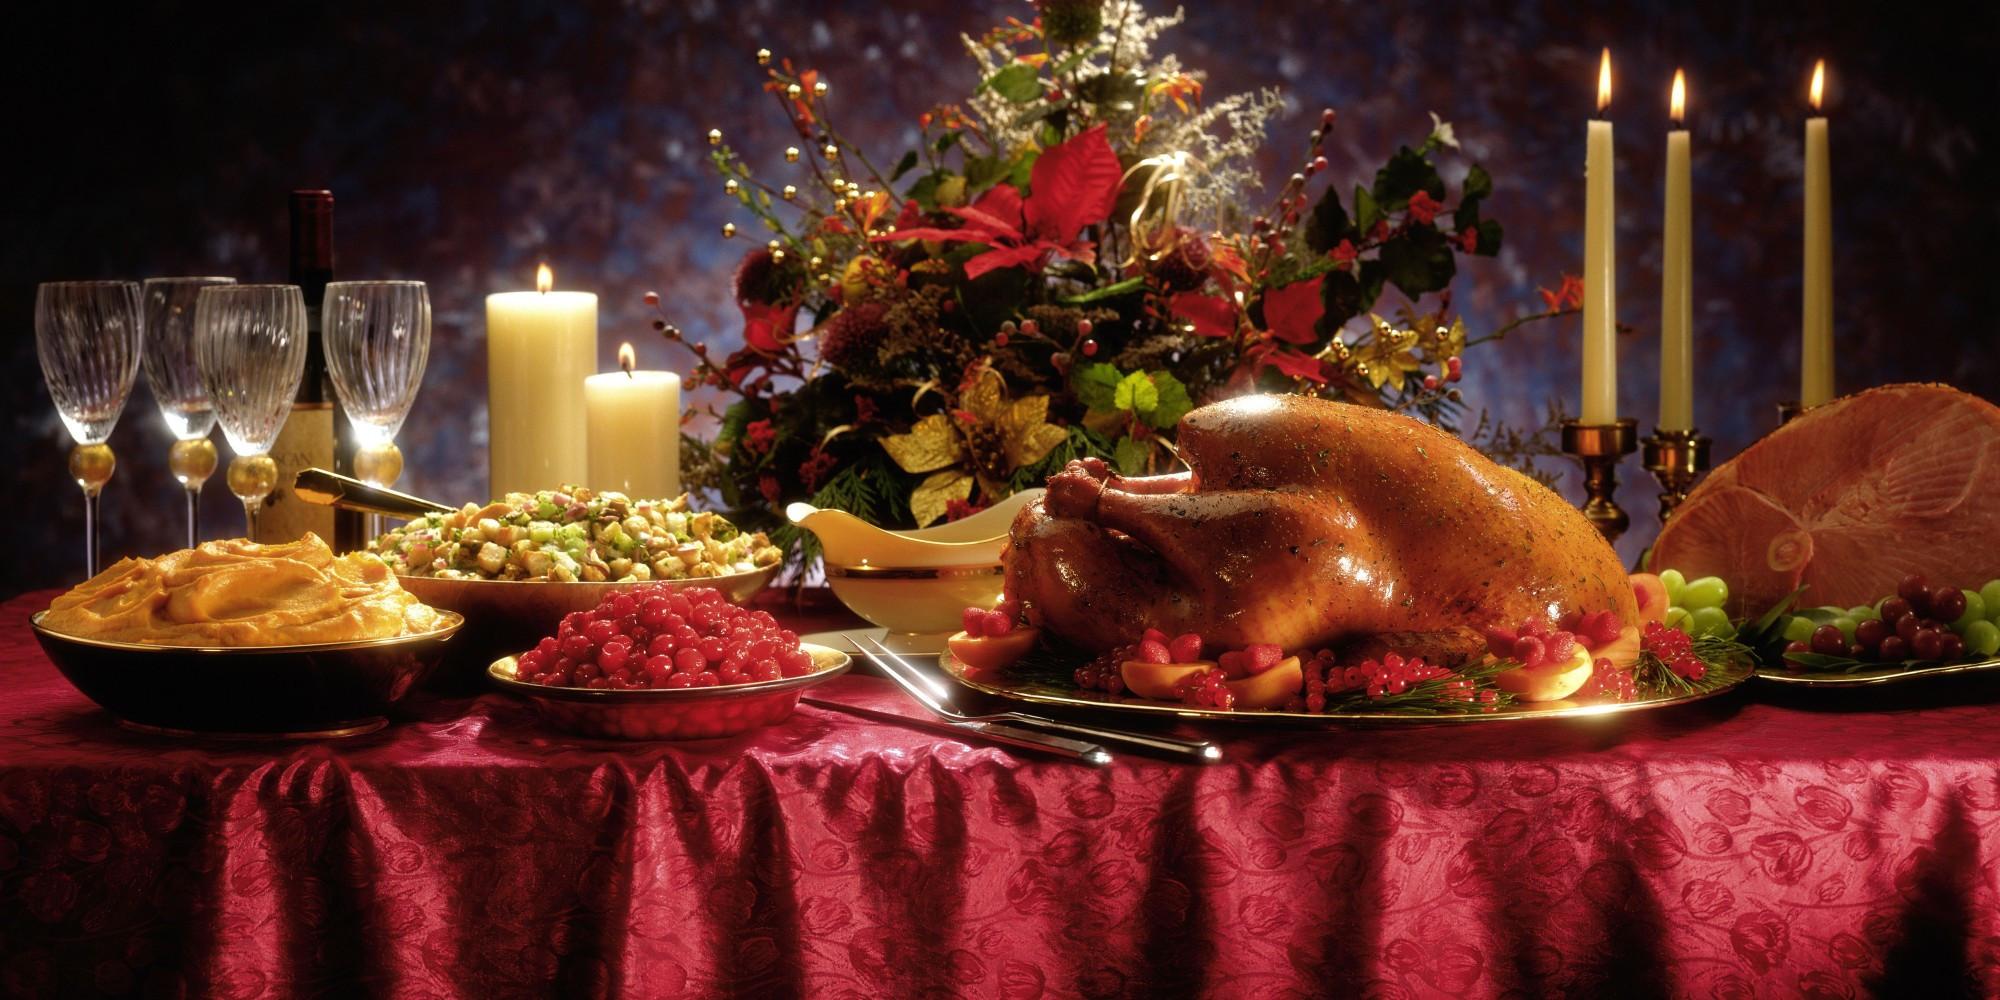 Christmas Eve Dinner Ideas Casual  Christmas Eve Buffet Ideas Casual